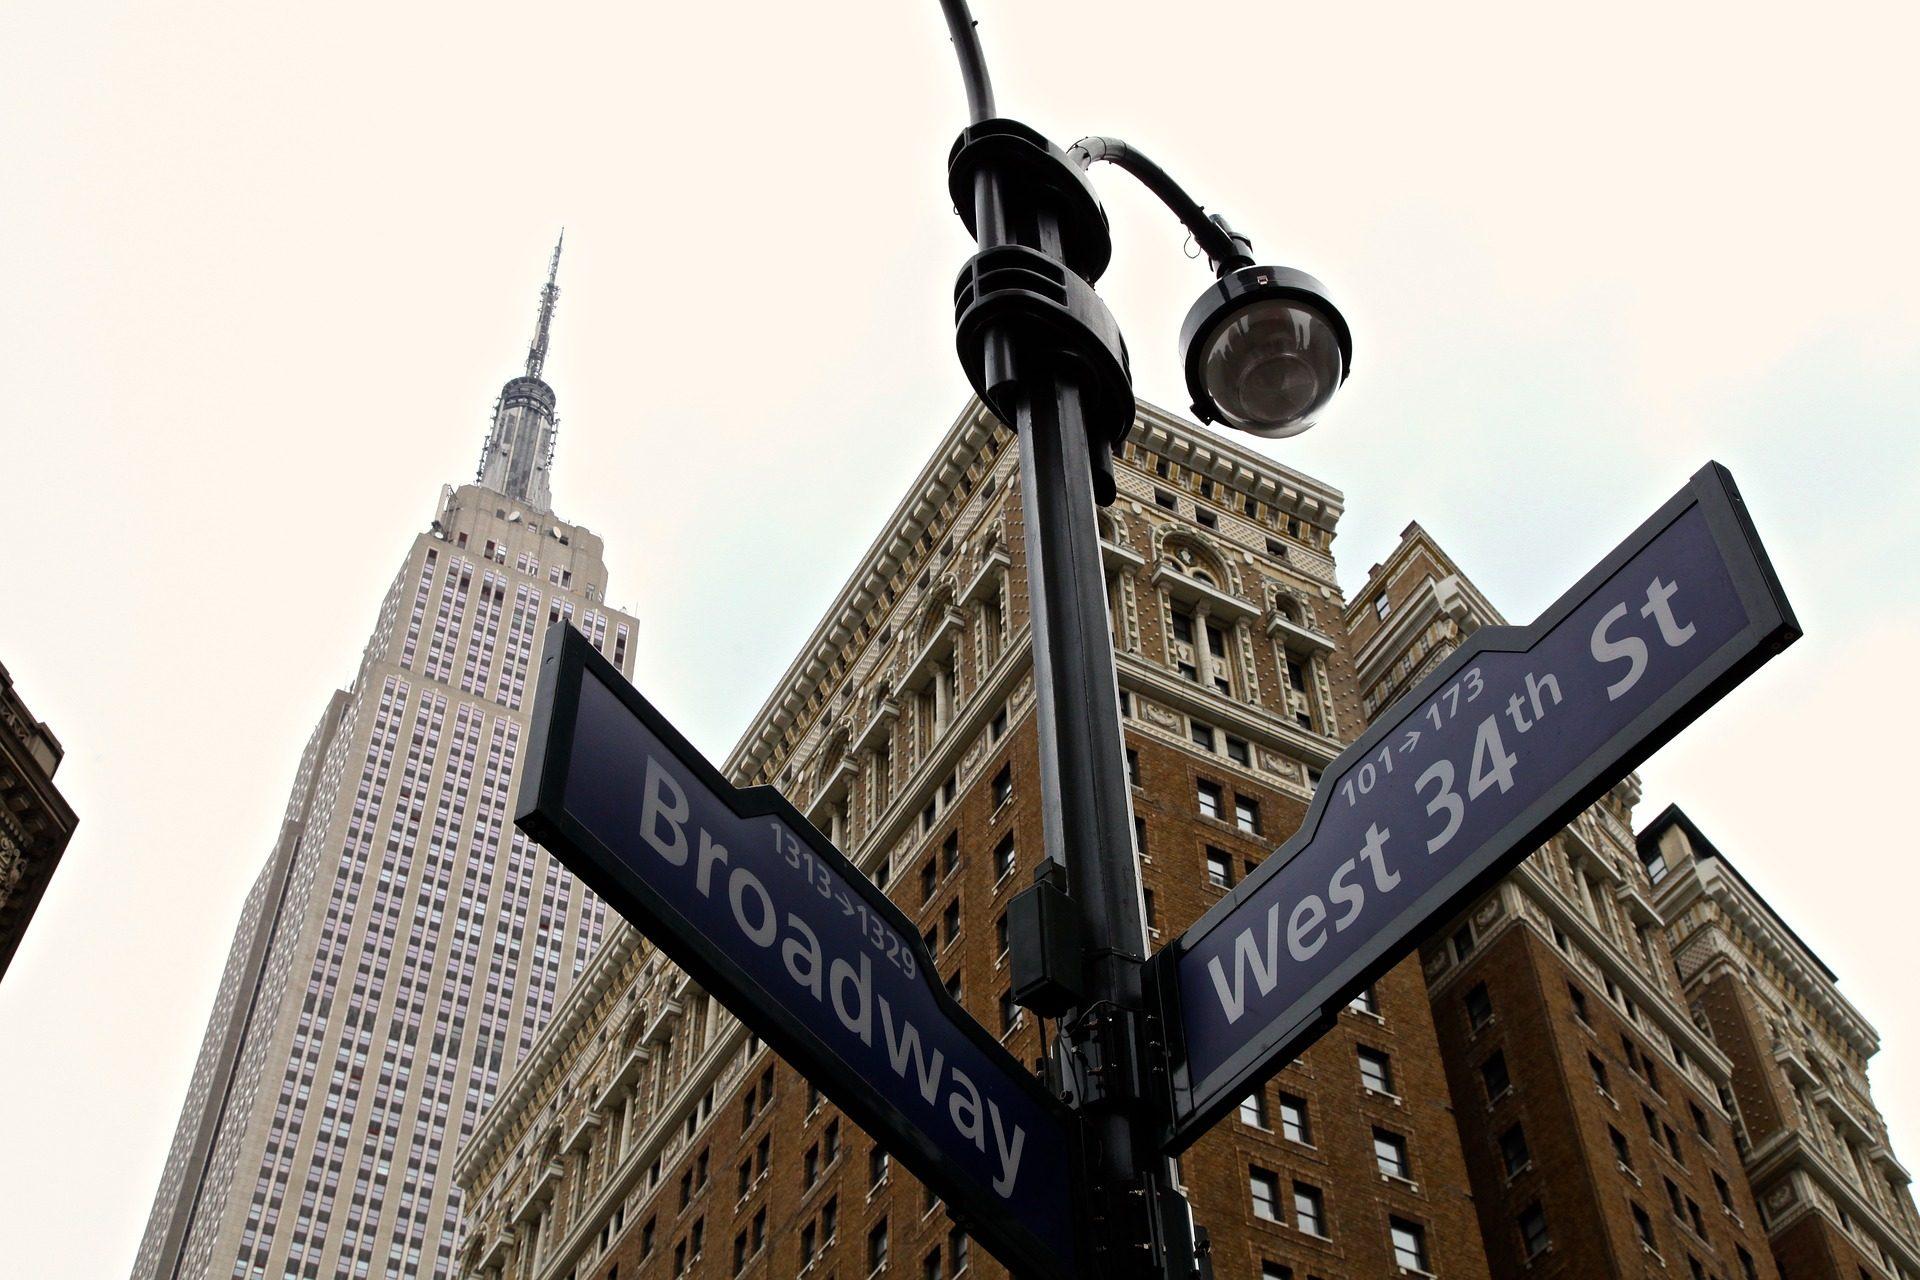 ciudad, rascacielos, señales, calles, direcciones, nueva york - Fondos de Pantalla HD - professor-falken.com